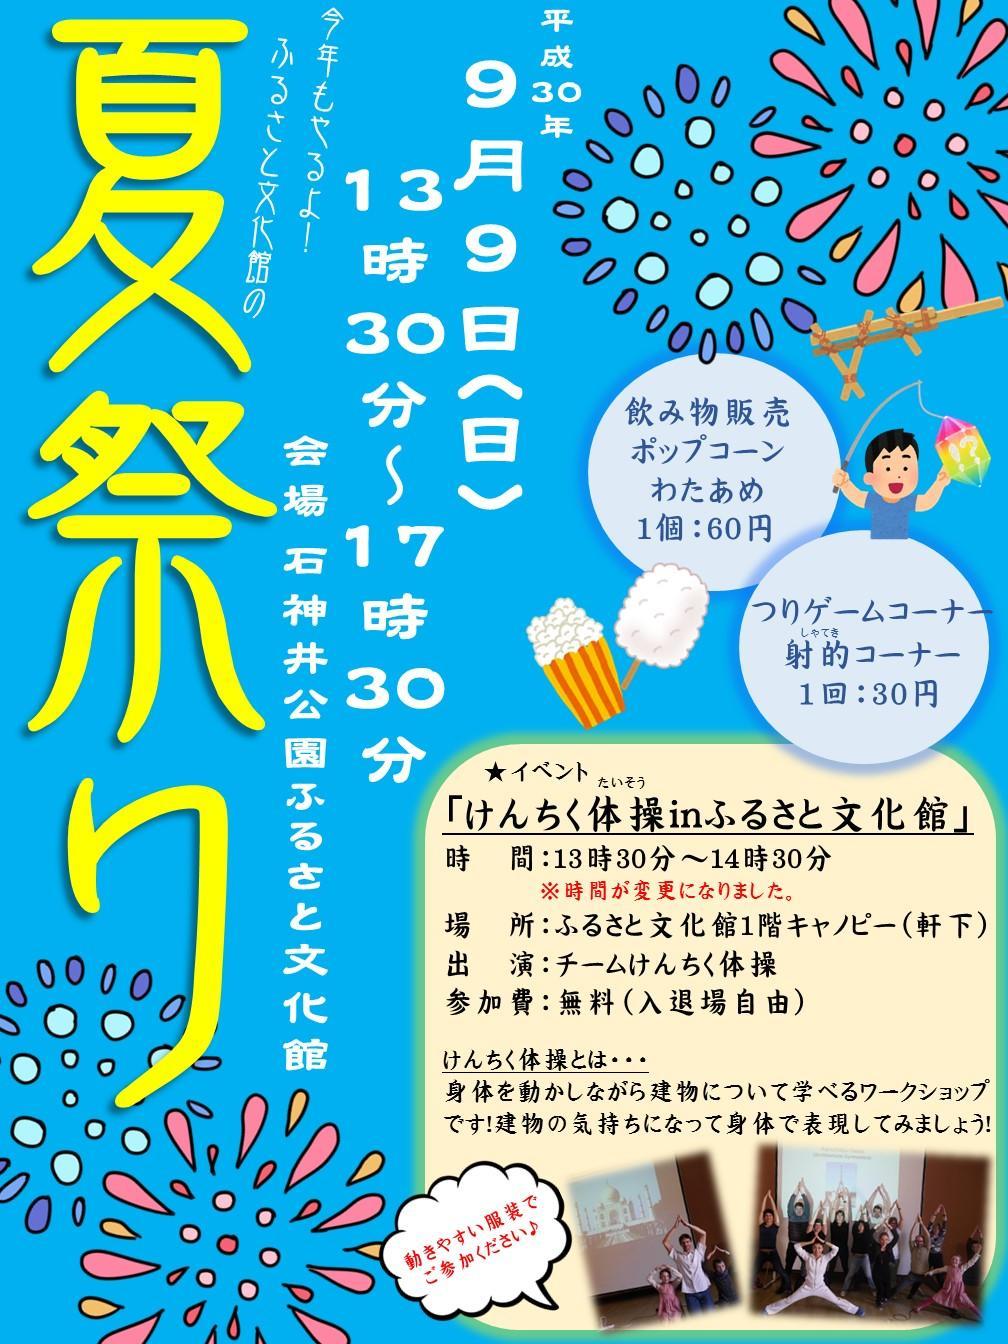 고향 문화관의 여름 축제